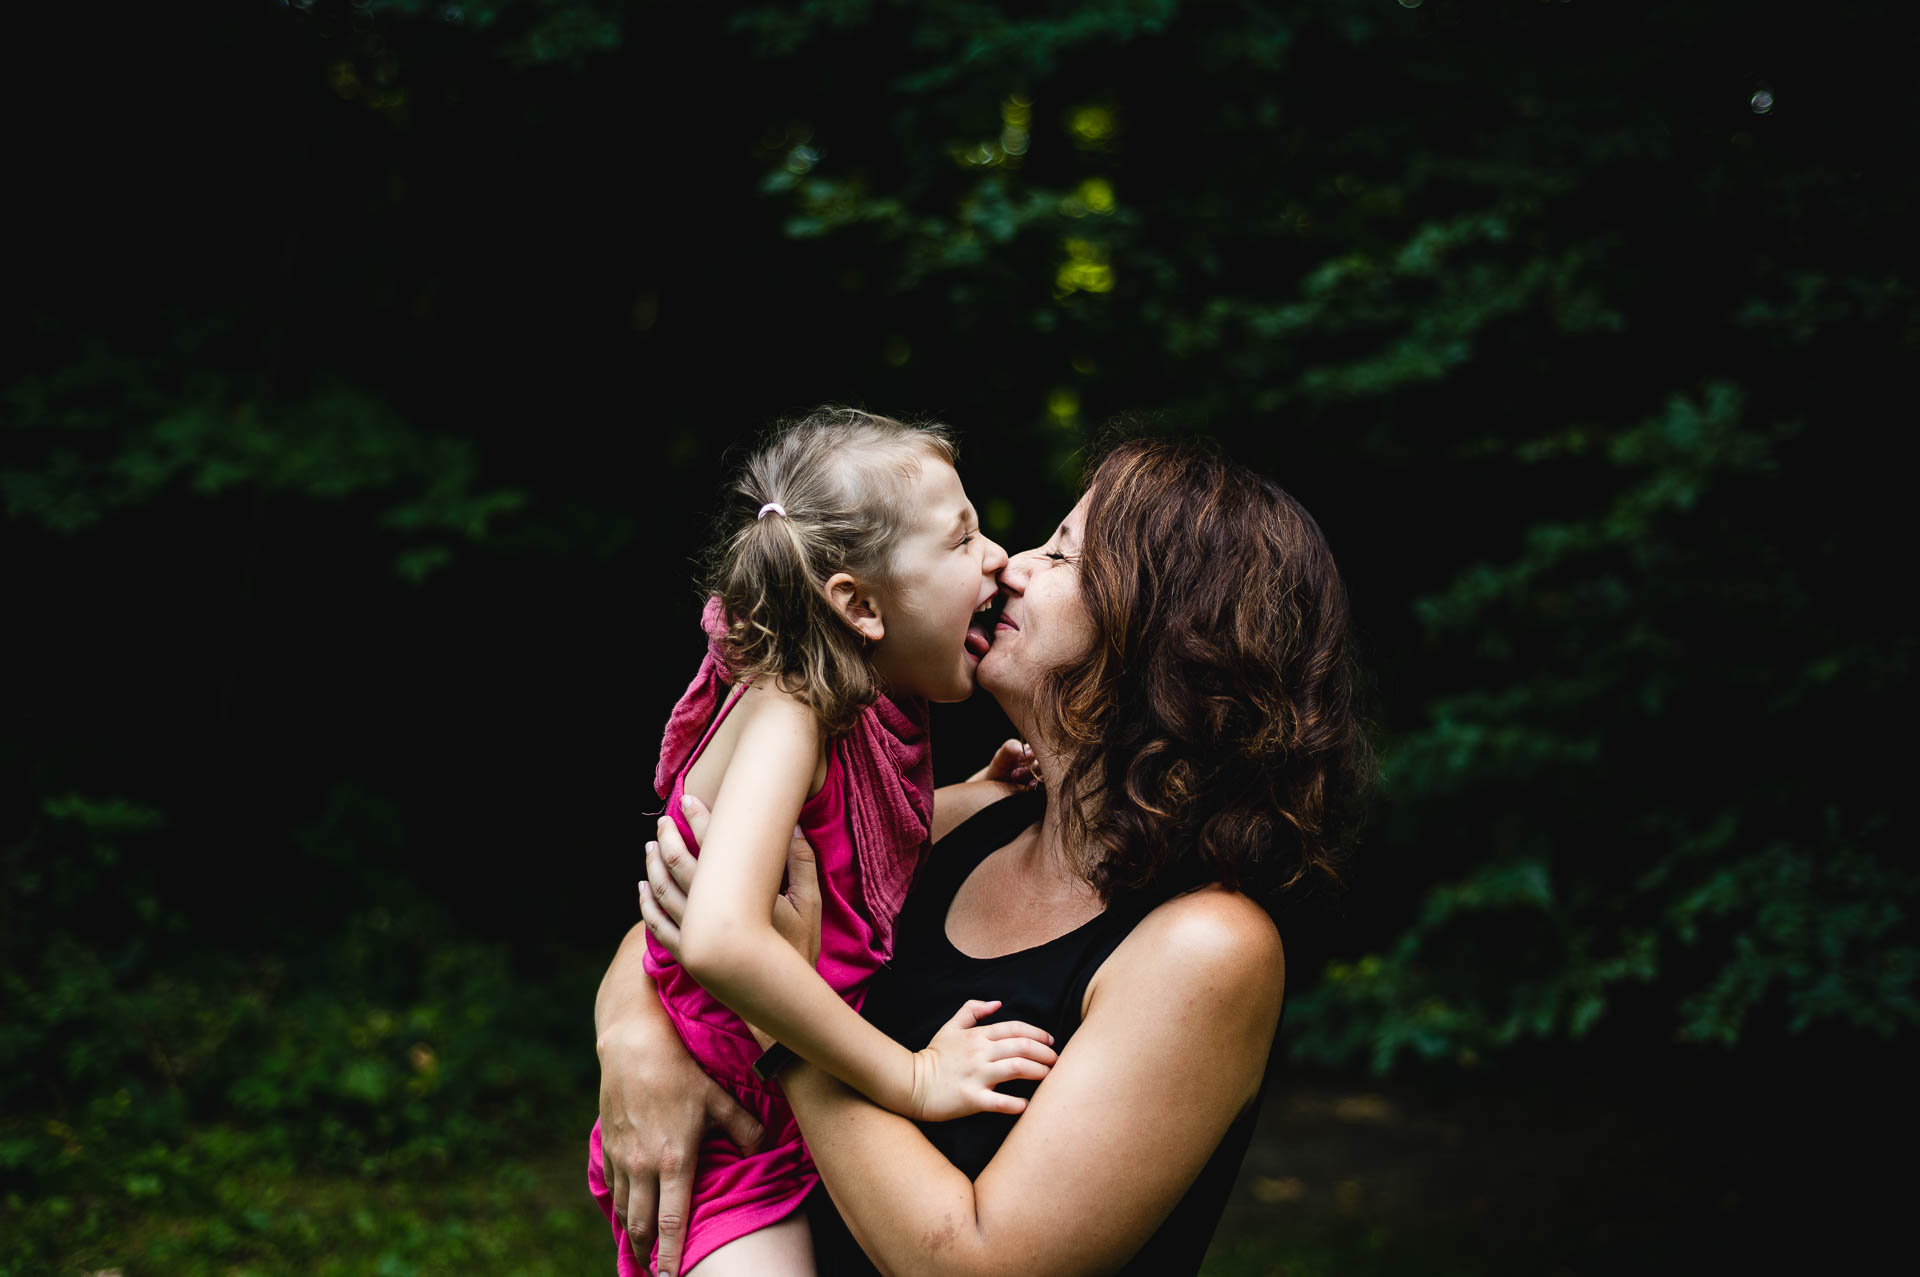 Mädchen in den Armen der Mutter gibt ihr ein Kuss auf der Nase